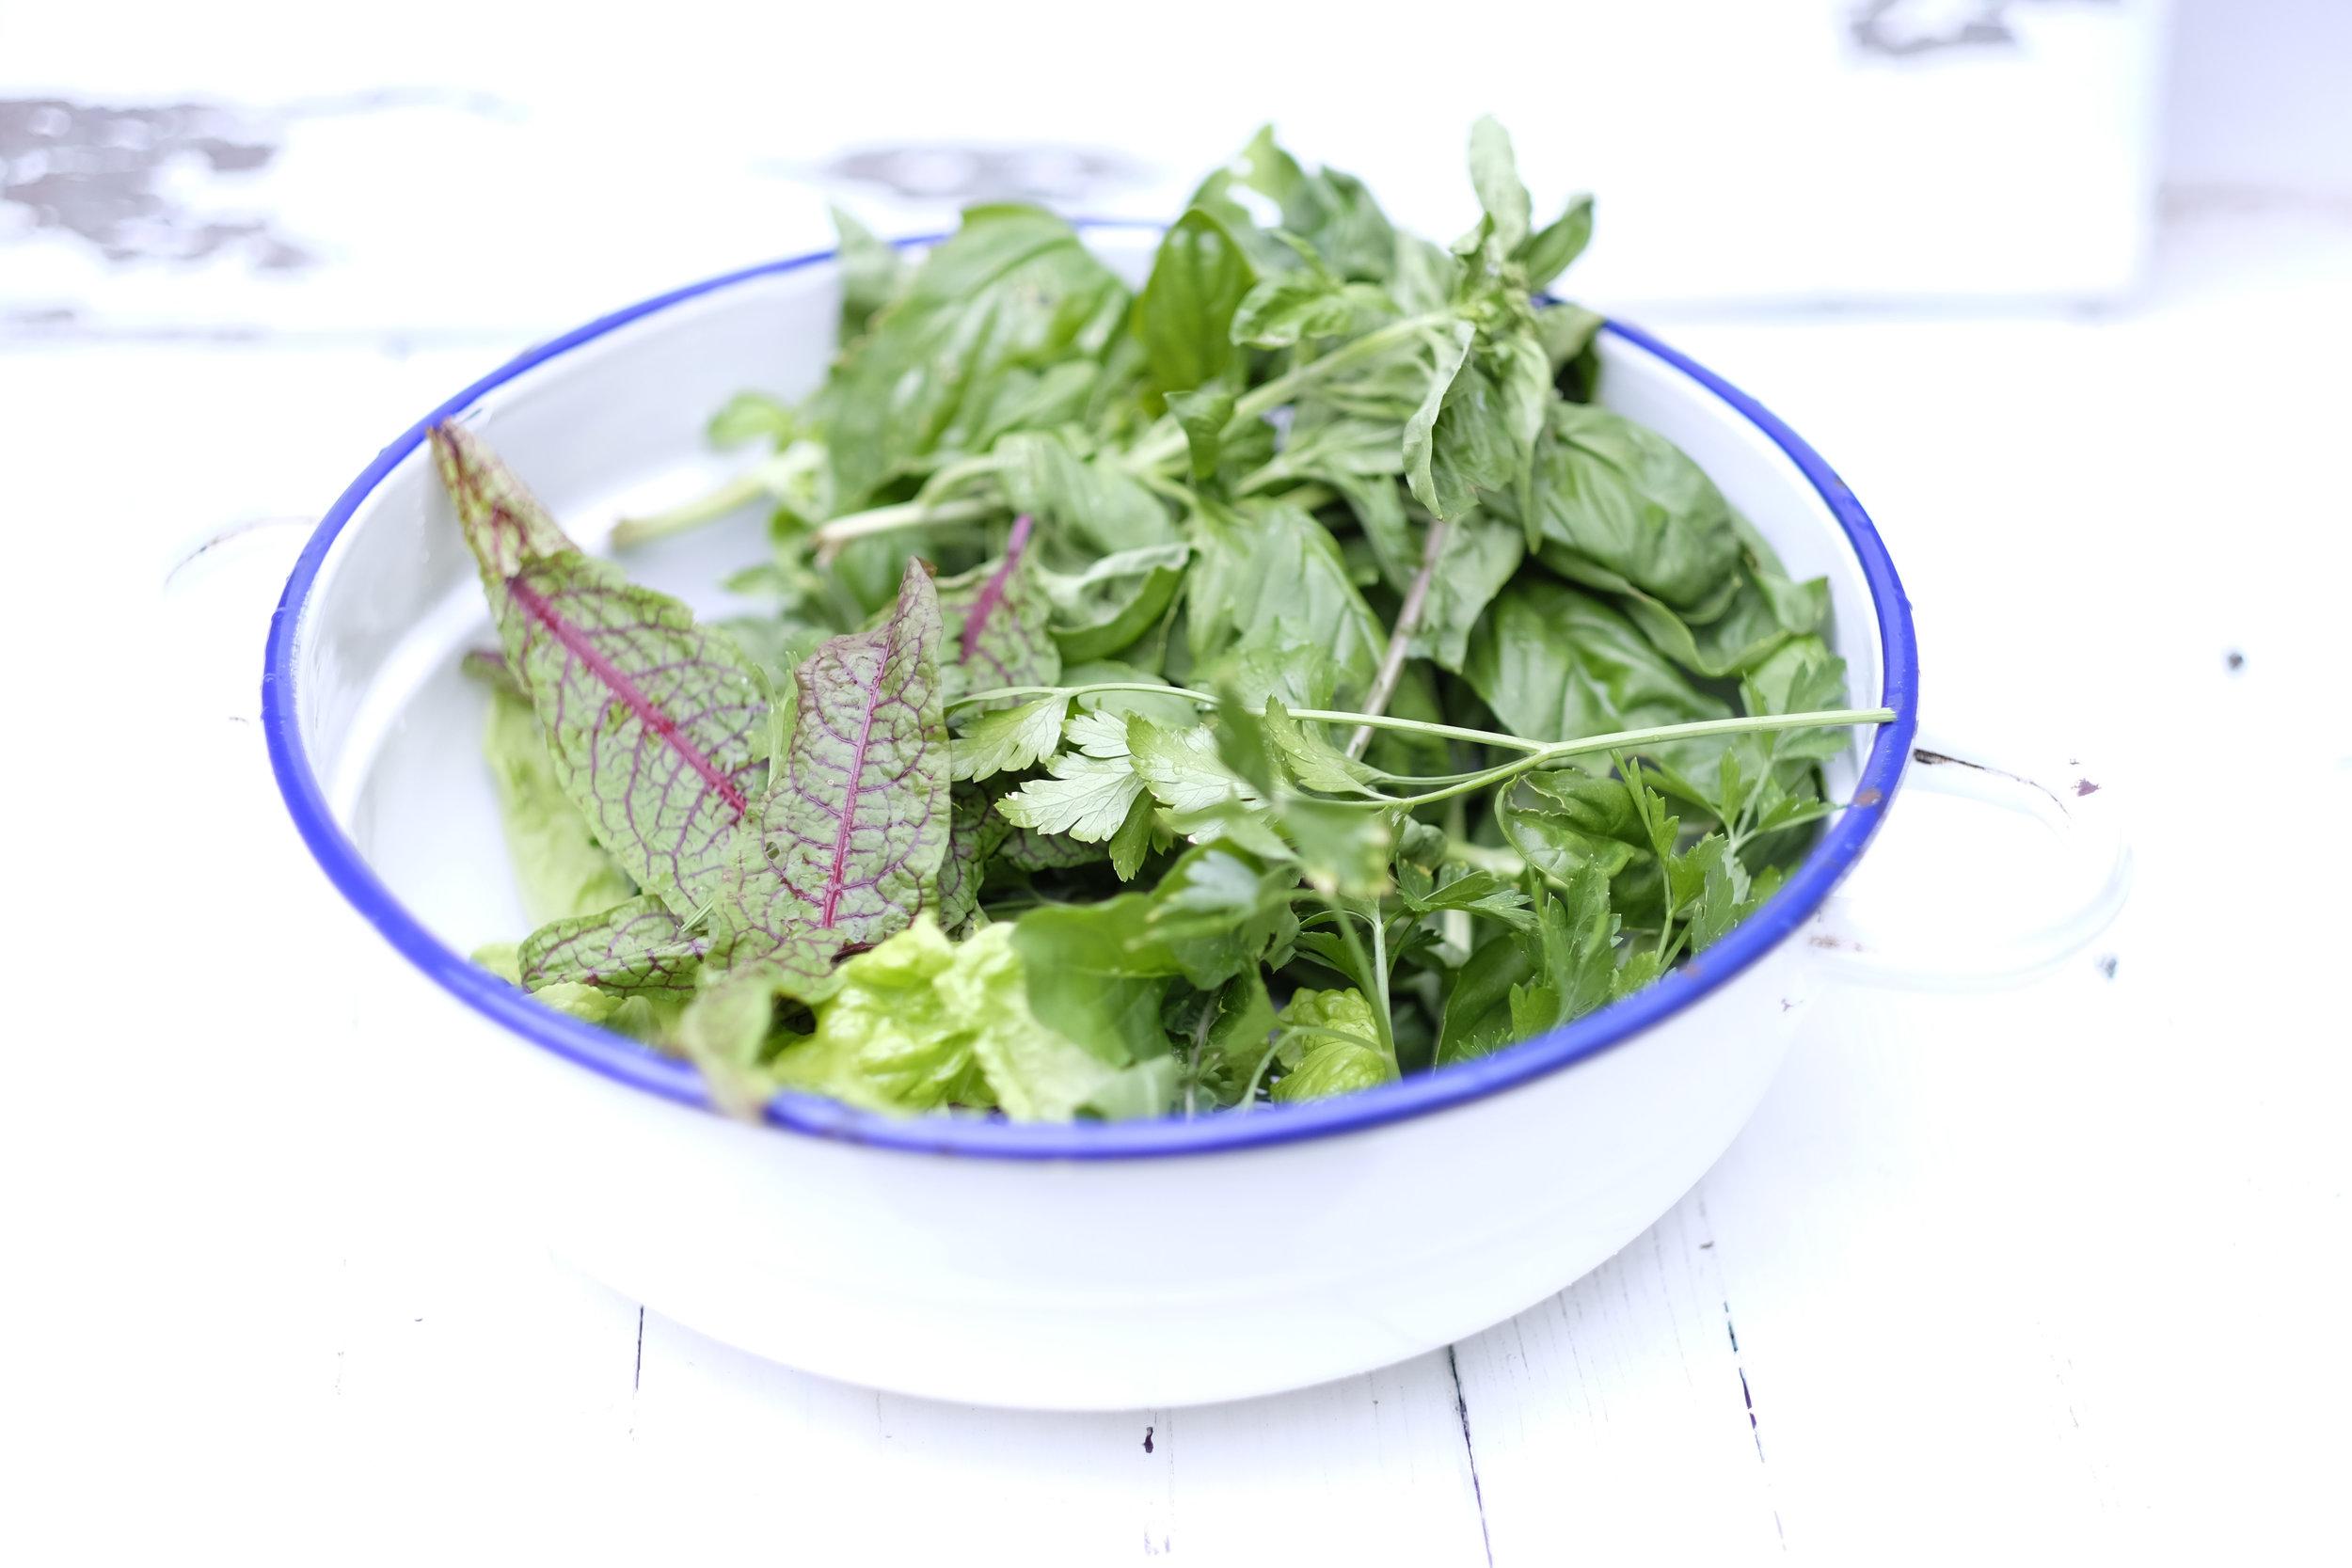 Home grown salad ingredients